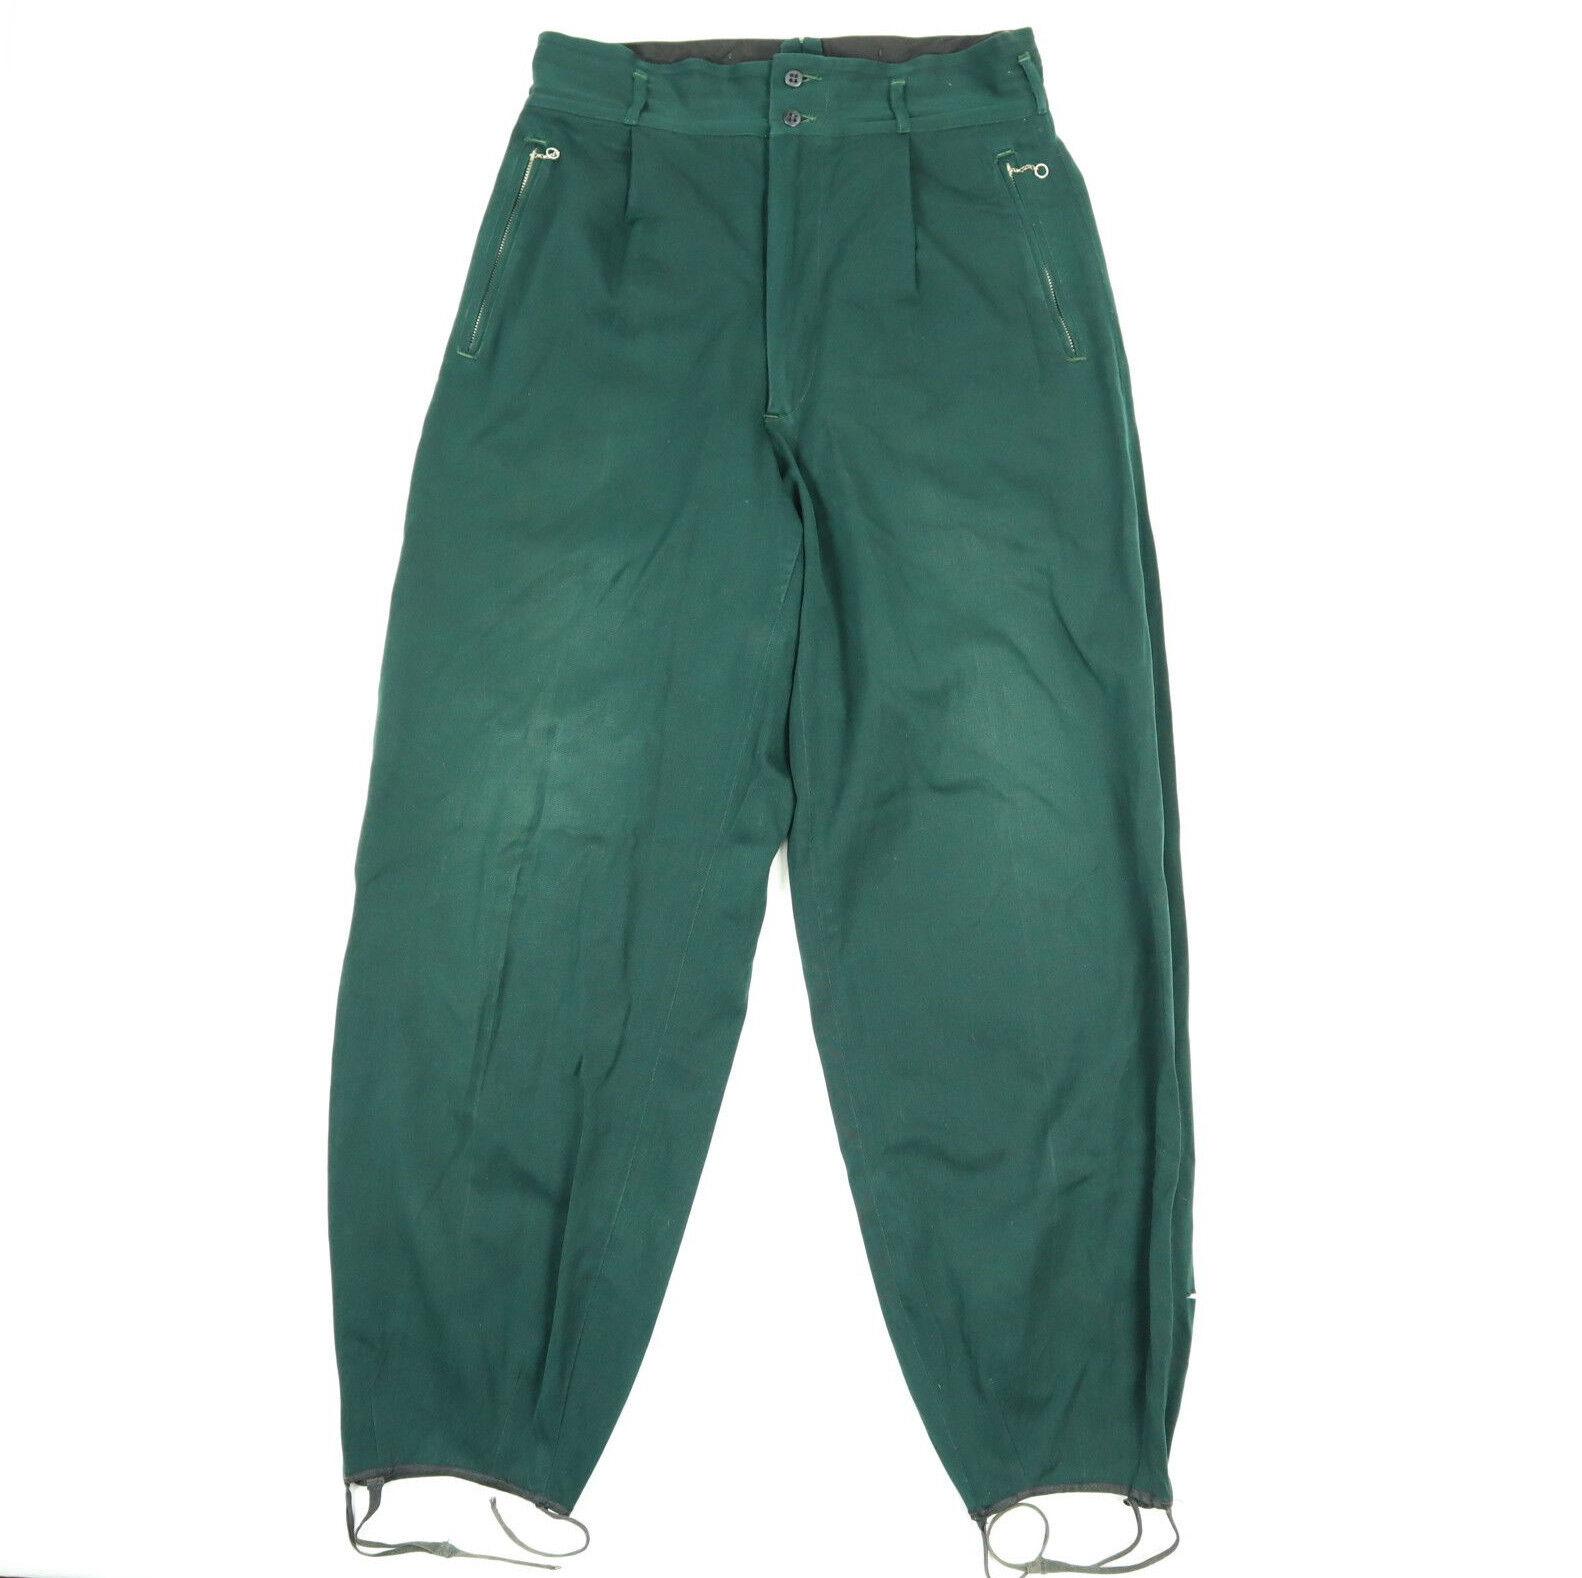 Vtg 40s 50s White Stag Ski Togs Pants size 31 x 31 Talon Zipper USA Made Pleated